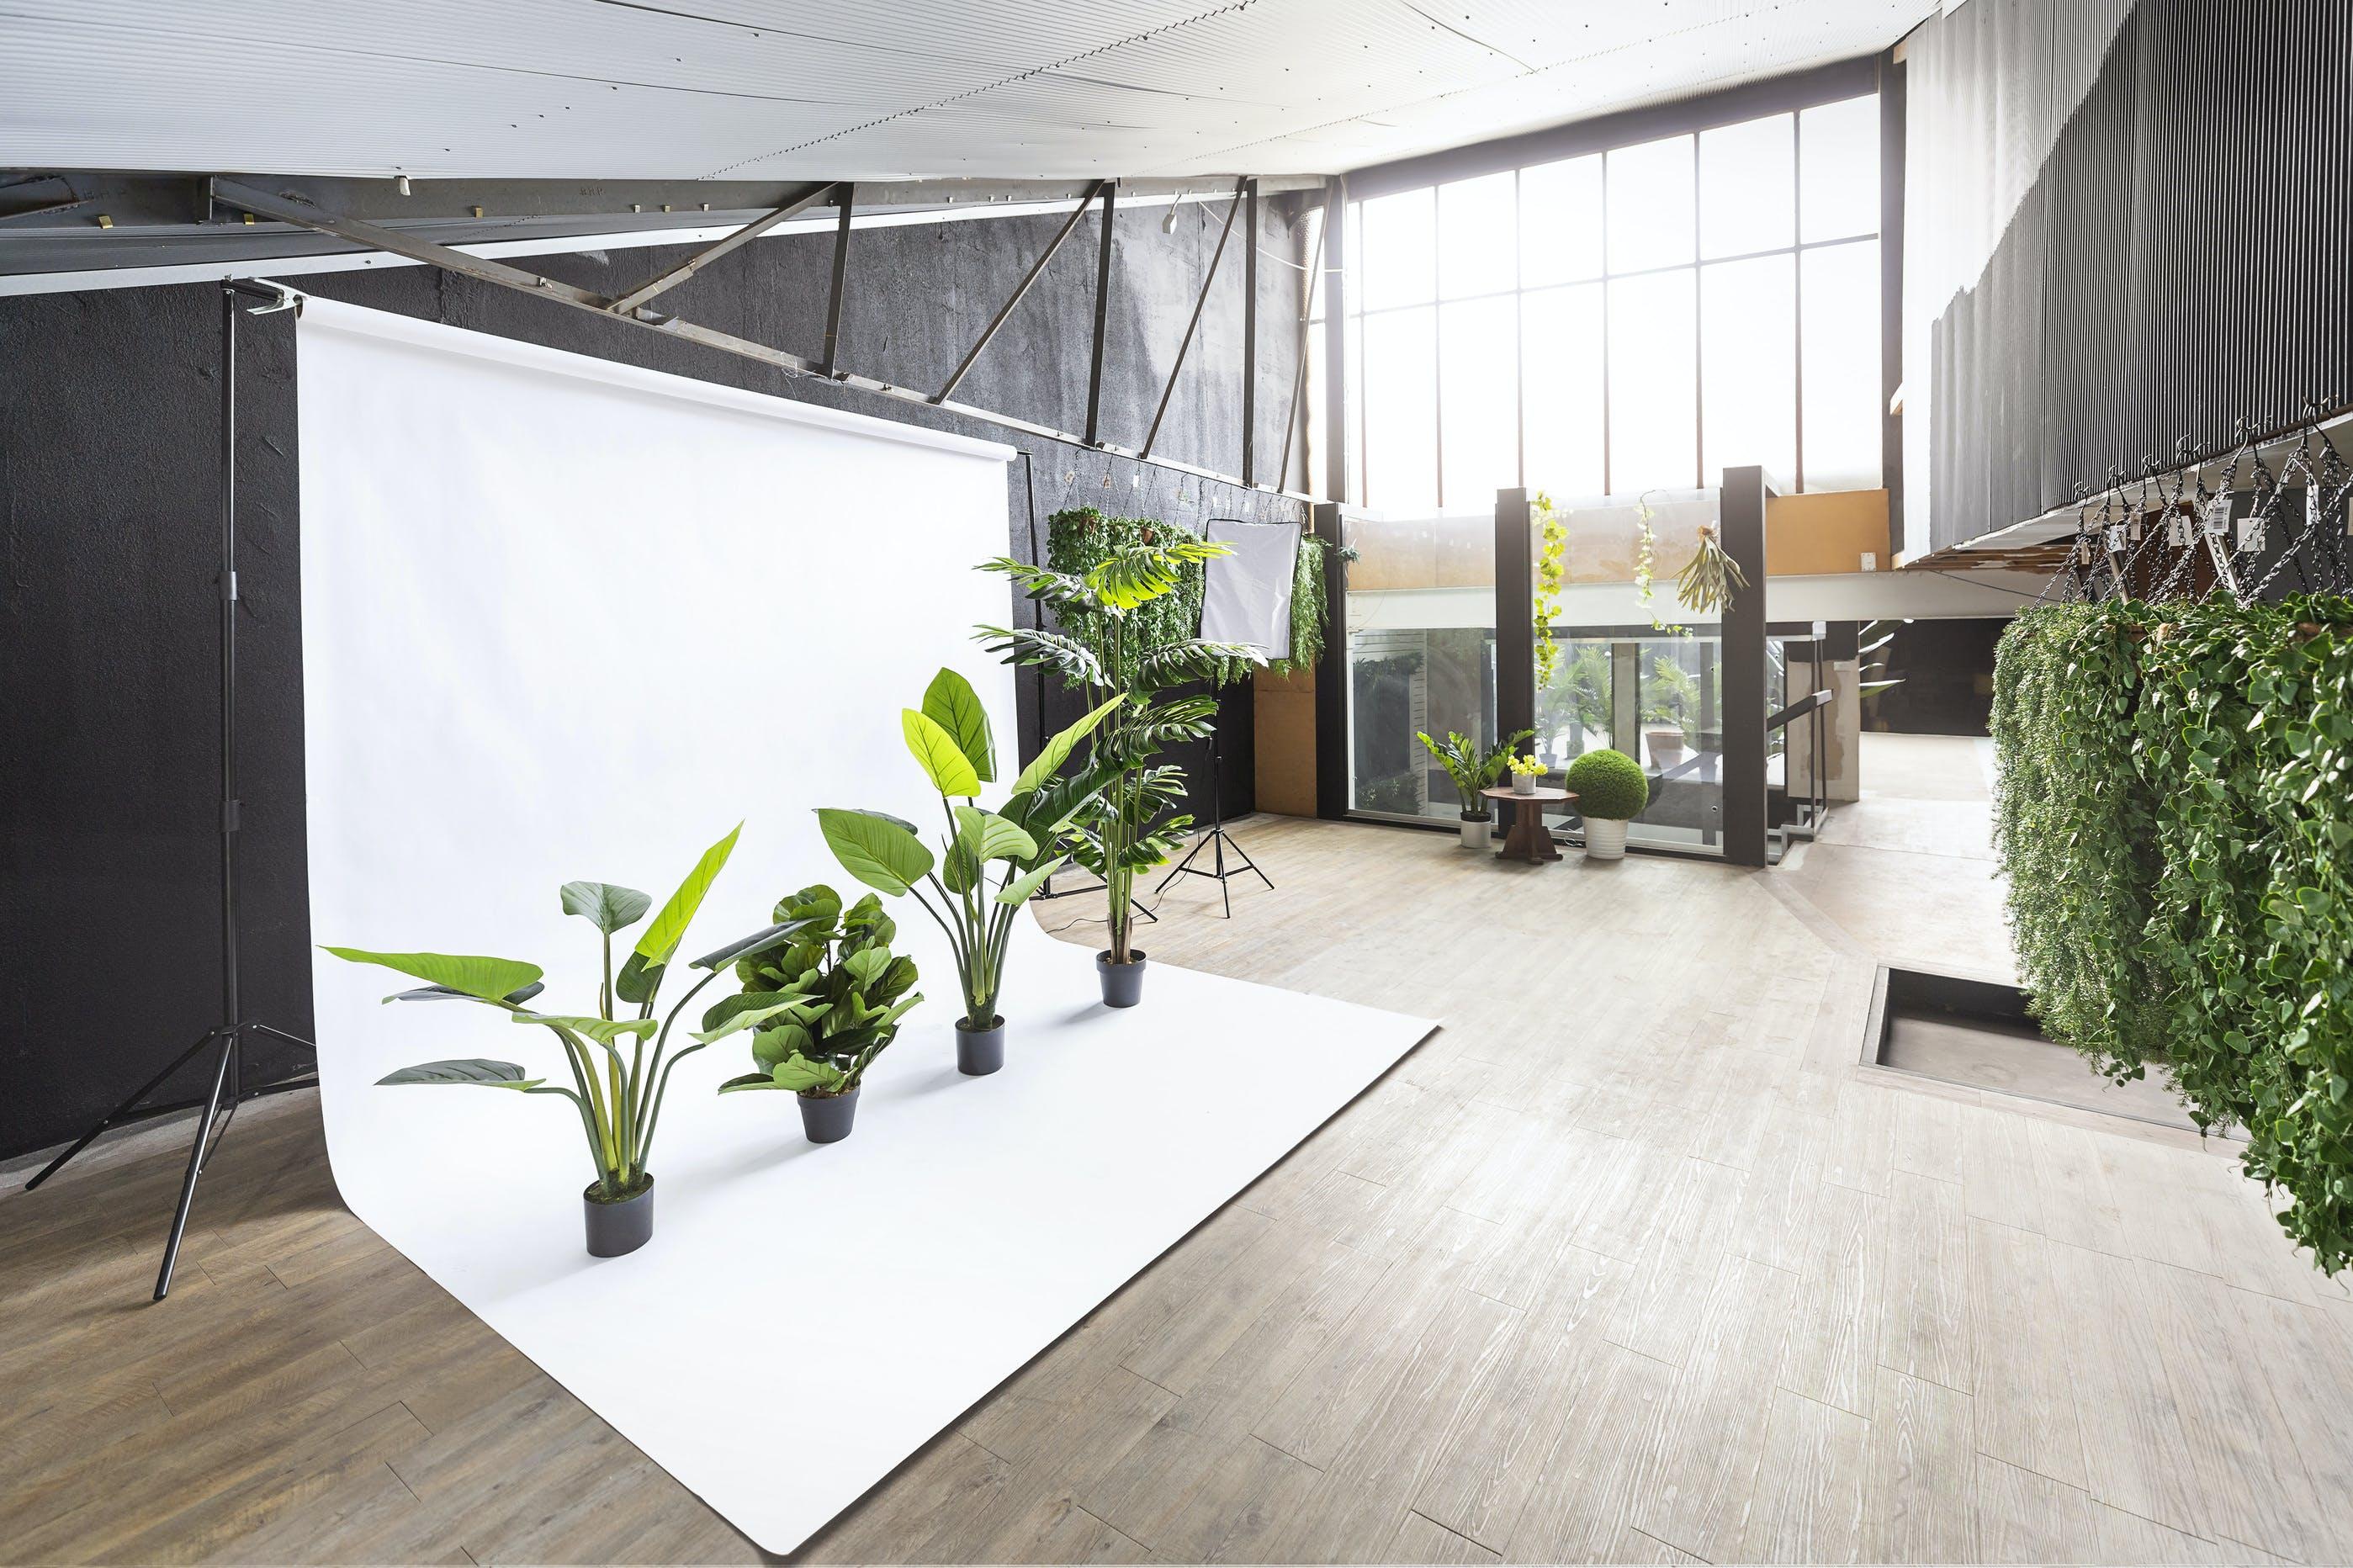 1st Floor Studio 1, creative studio at Garden Beet, image 1